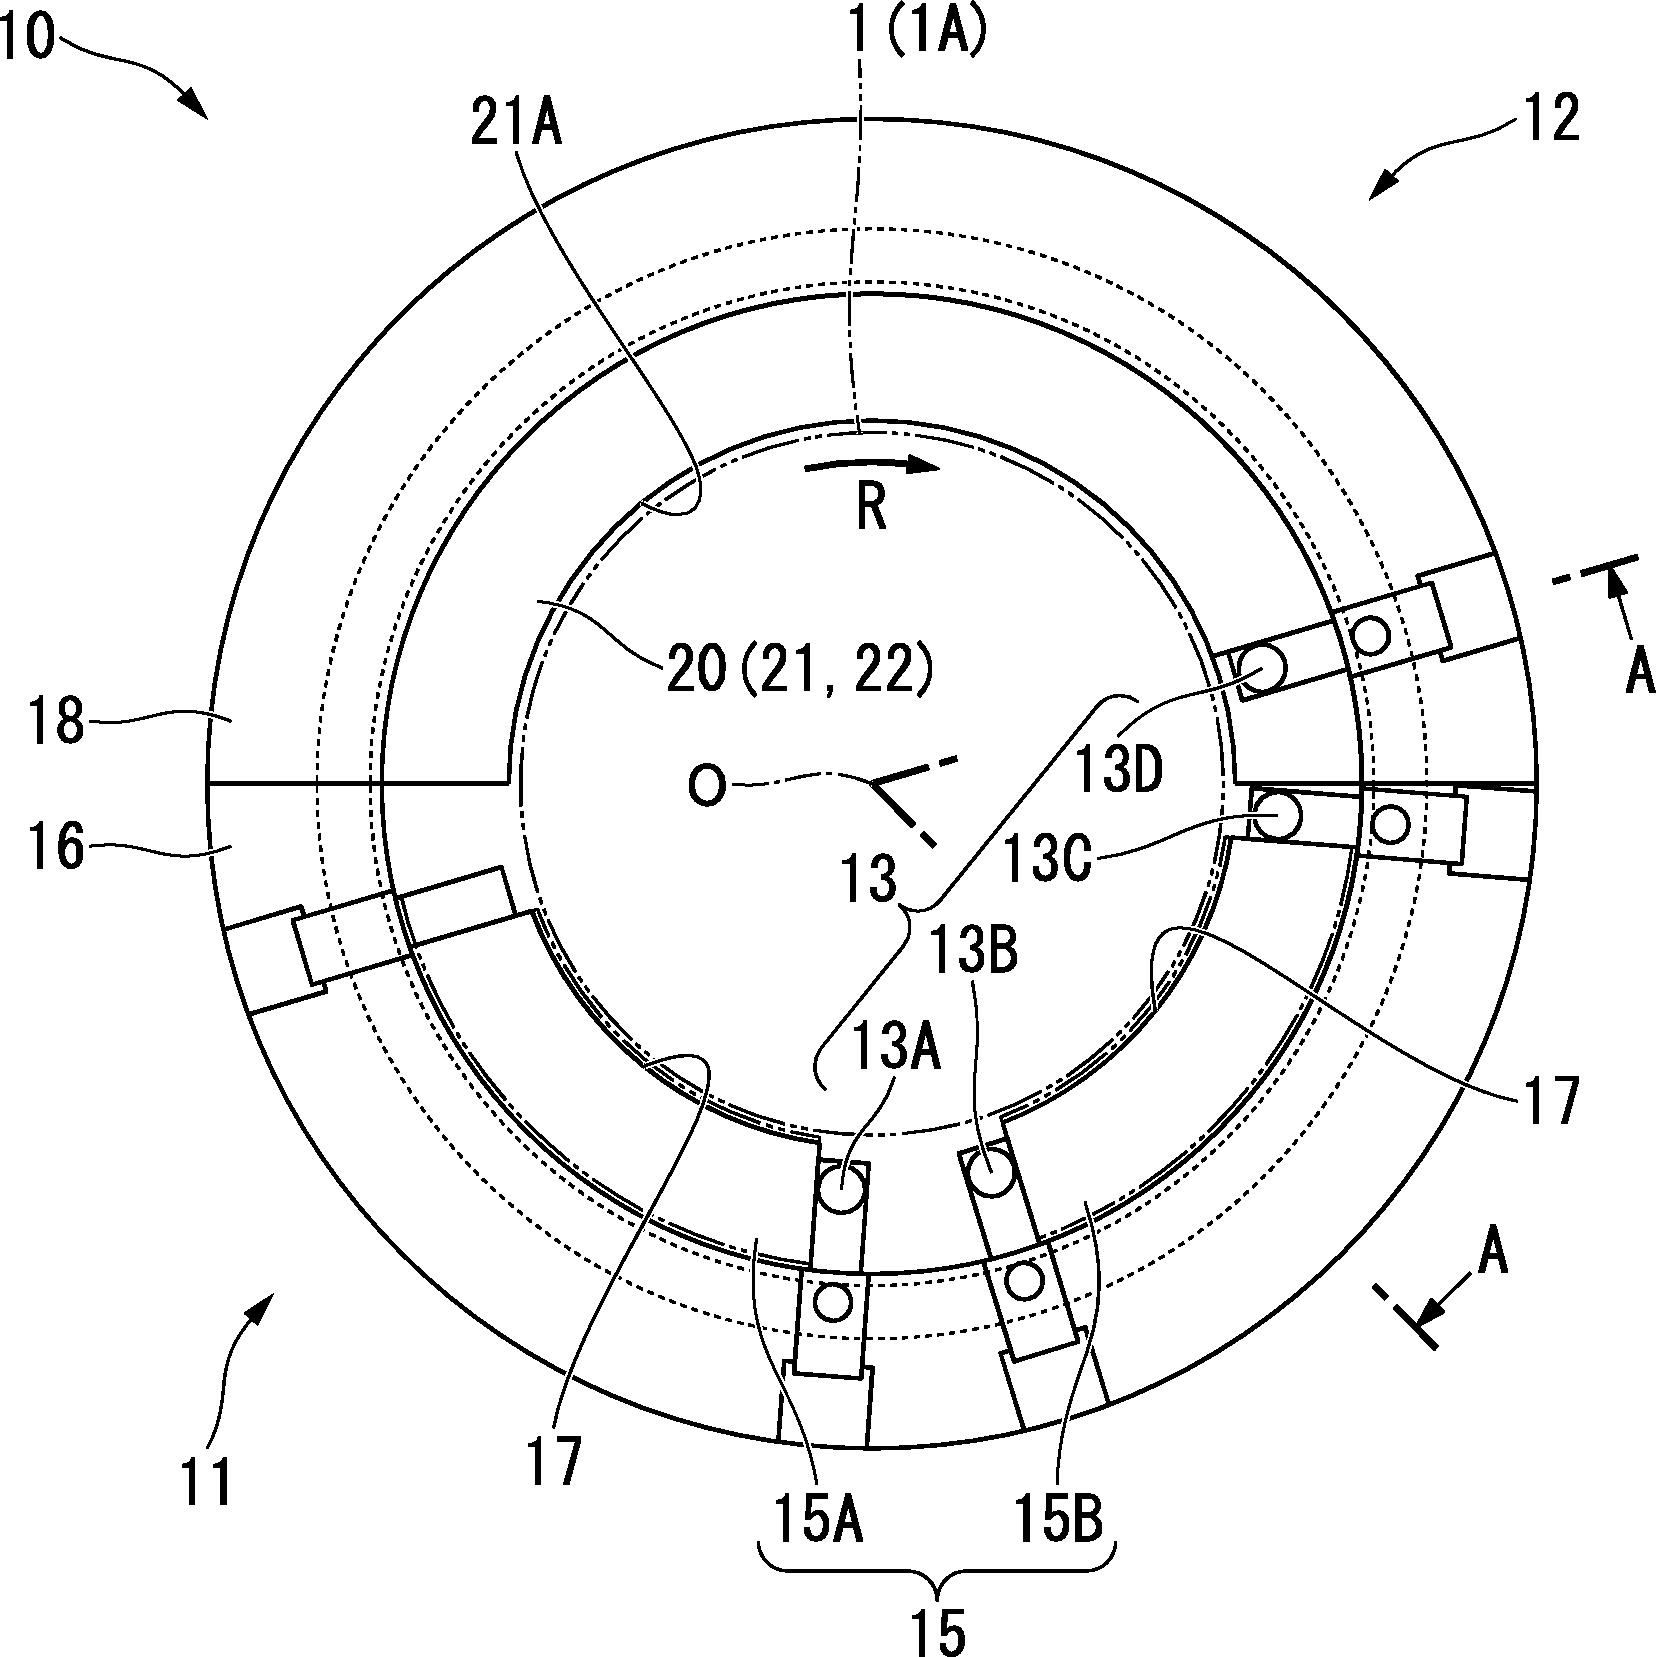 Figure DE112015005337T5_0001